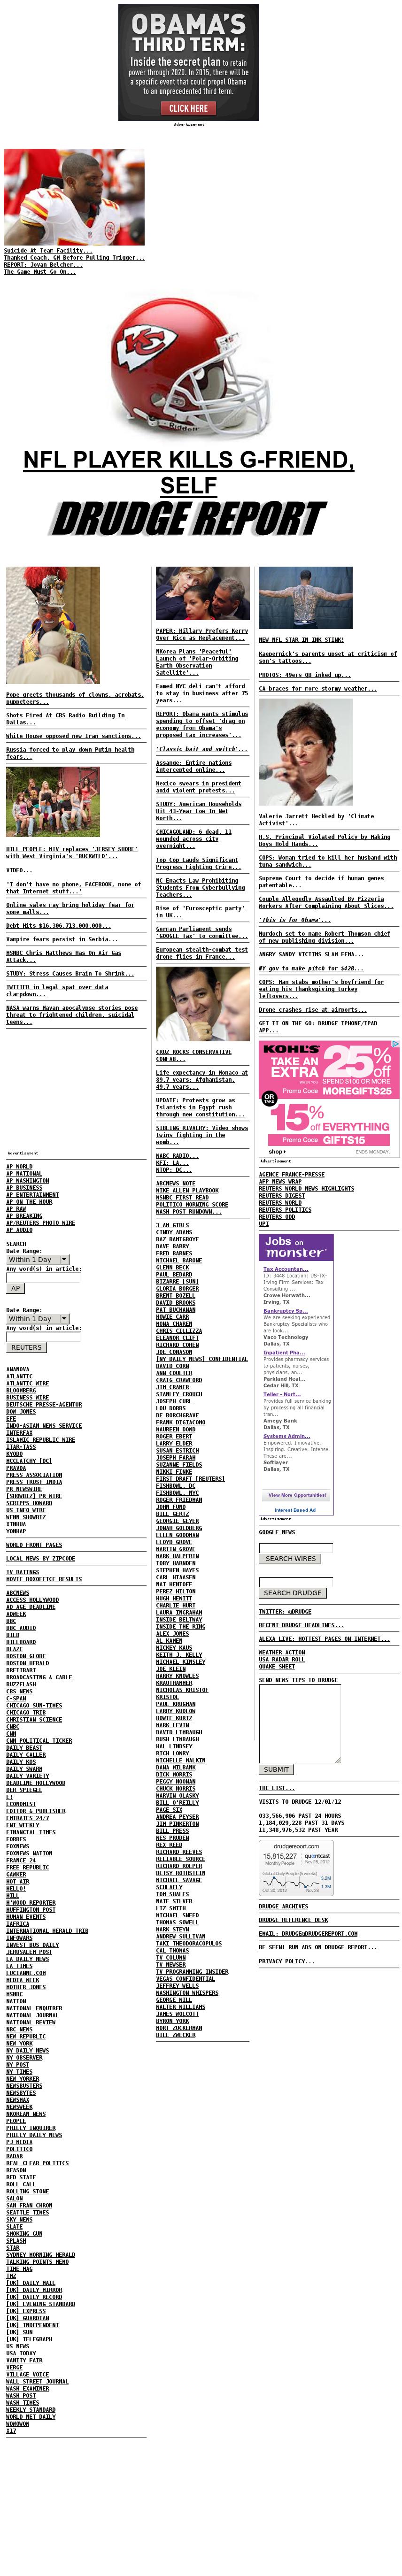 Drudge Report at Saturday Dec. 1, 2012, 9:08 p.m. UTC